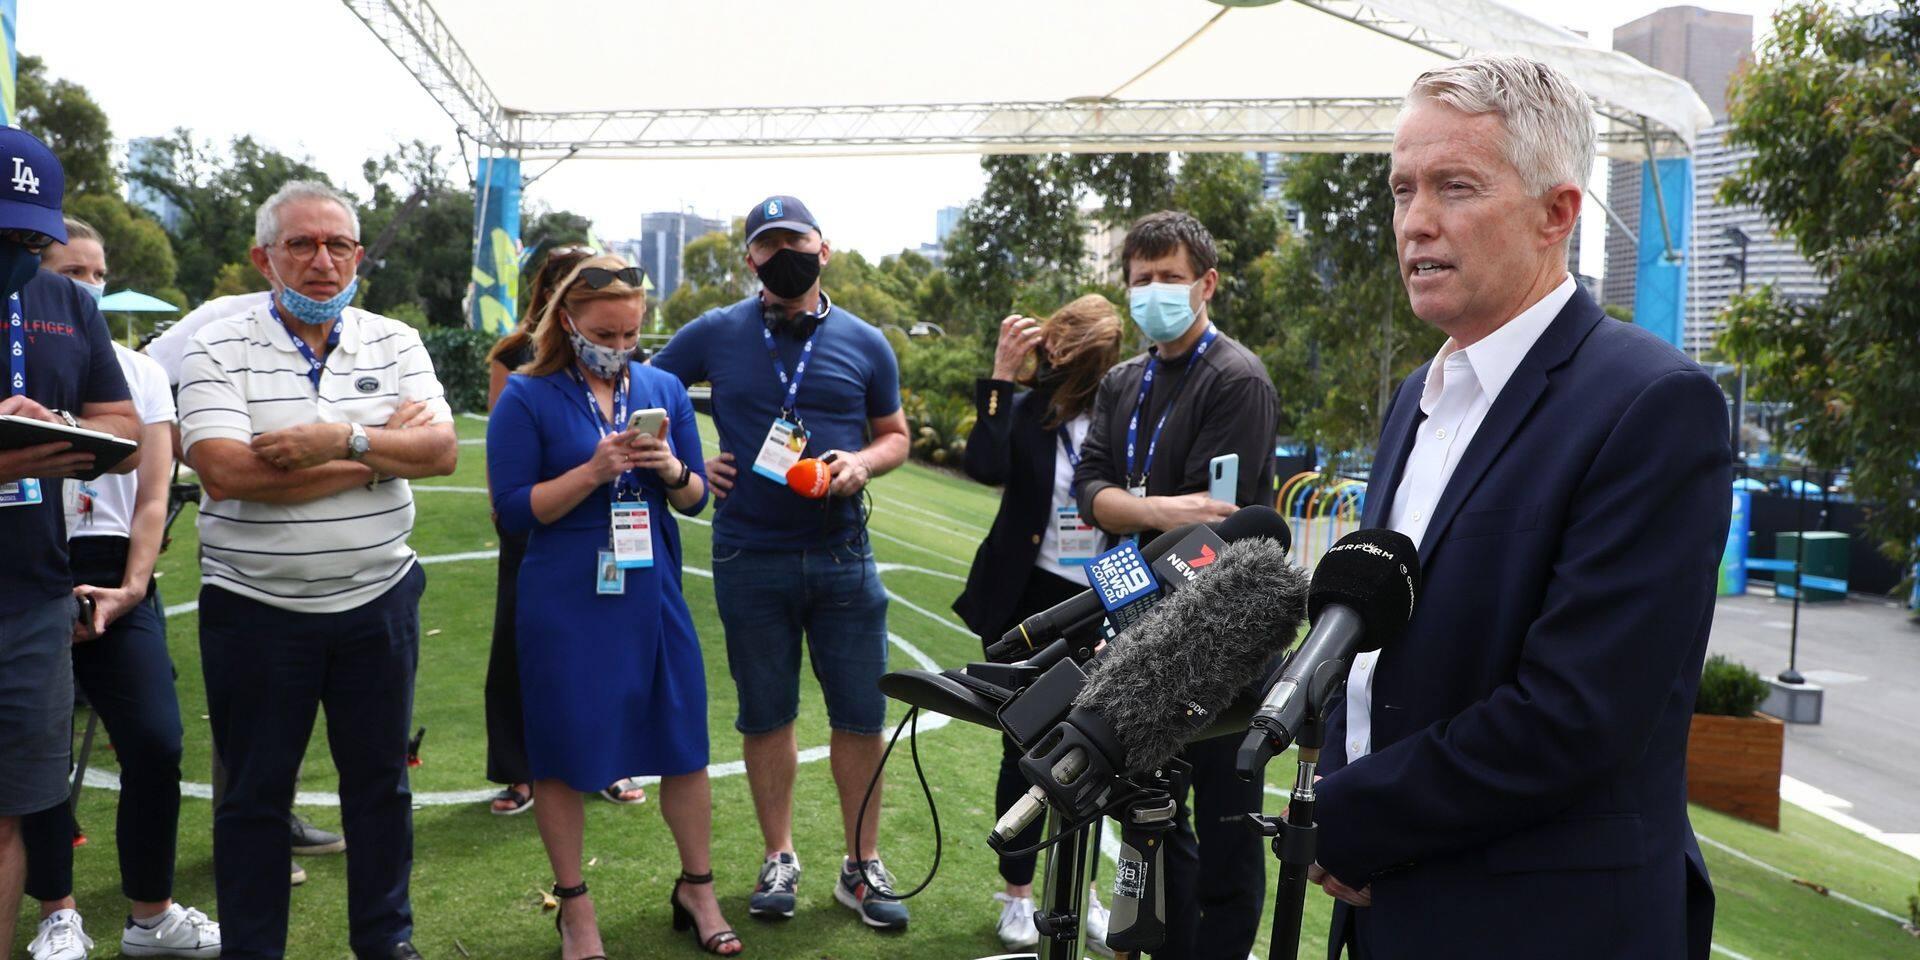 """Le patron de l'Open d'Australie """"absolument confiant"""" quant à la tenue du tournoi malgré le cas de Covid"""